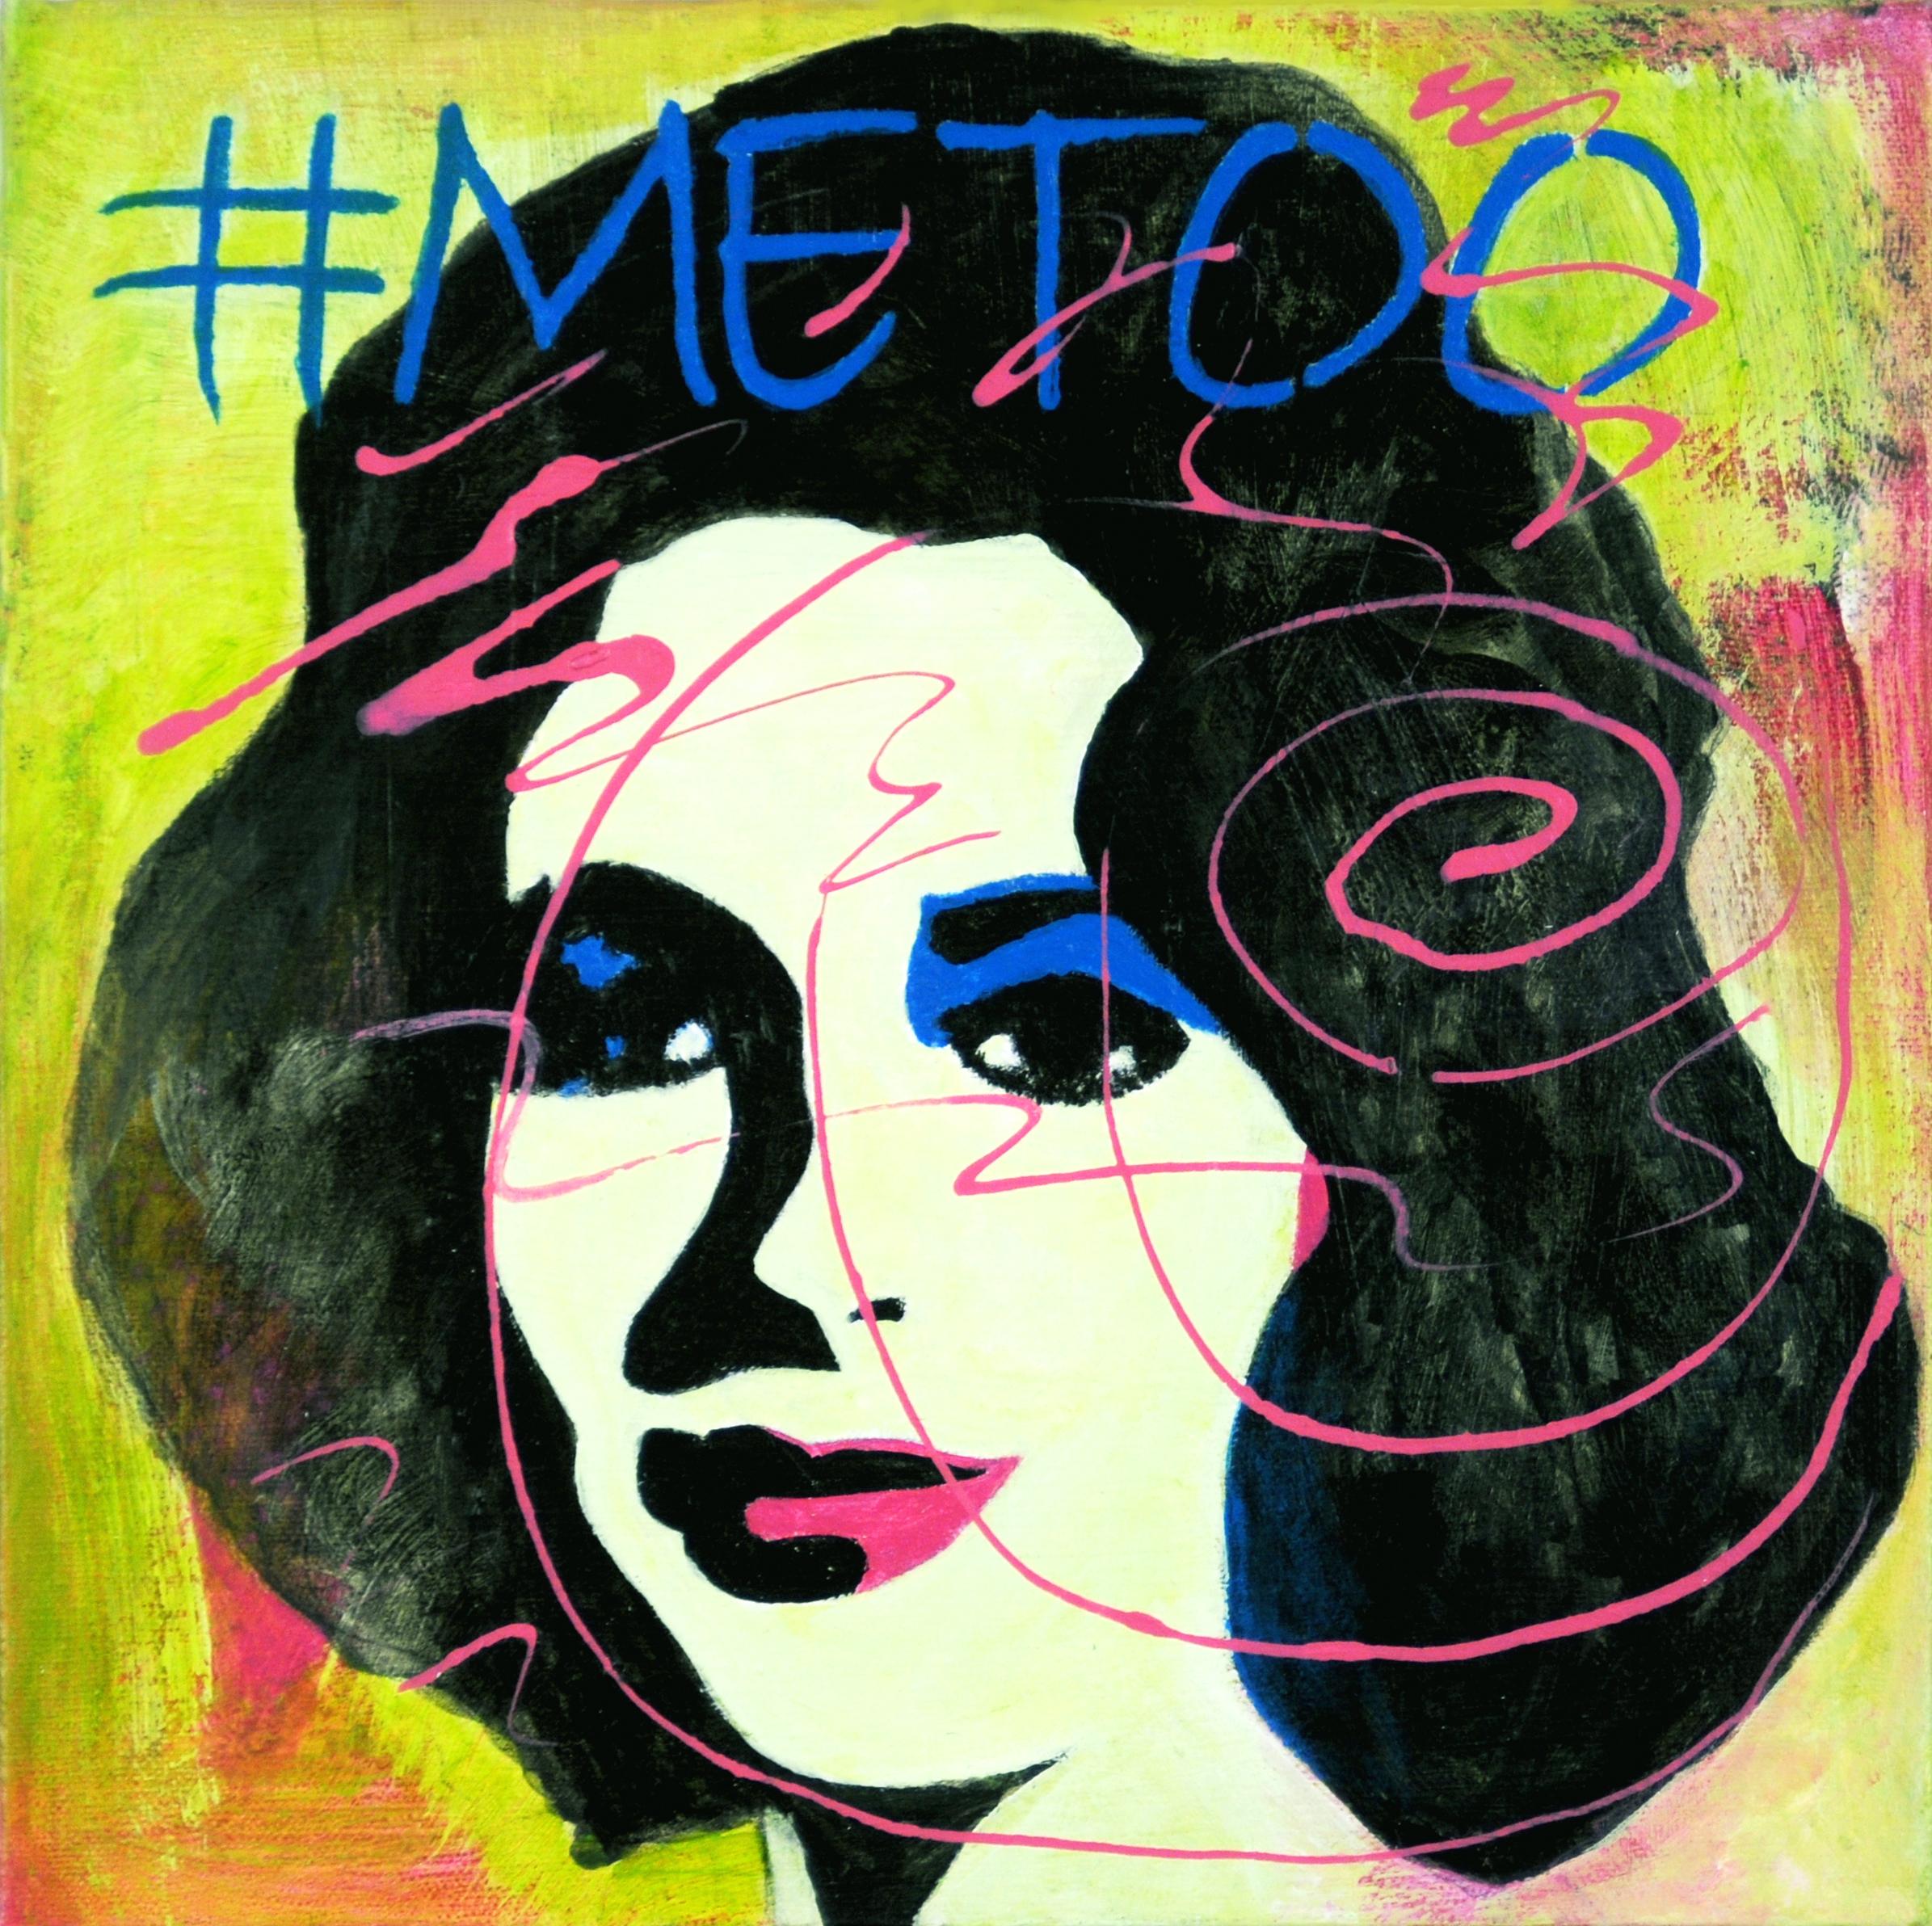 #MeToo: Liz #1